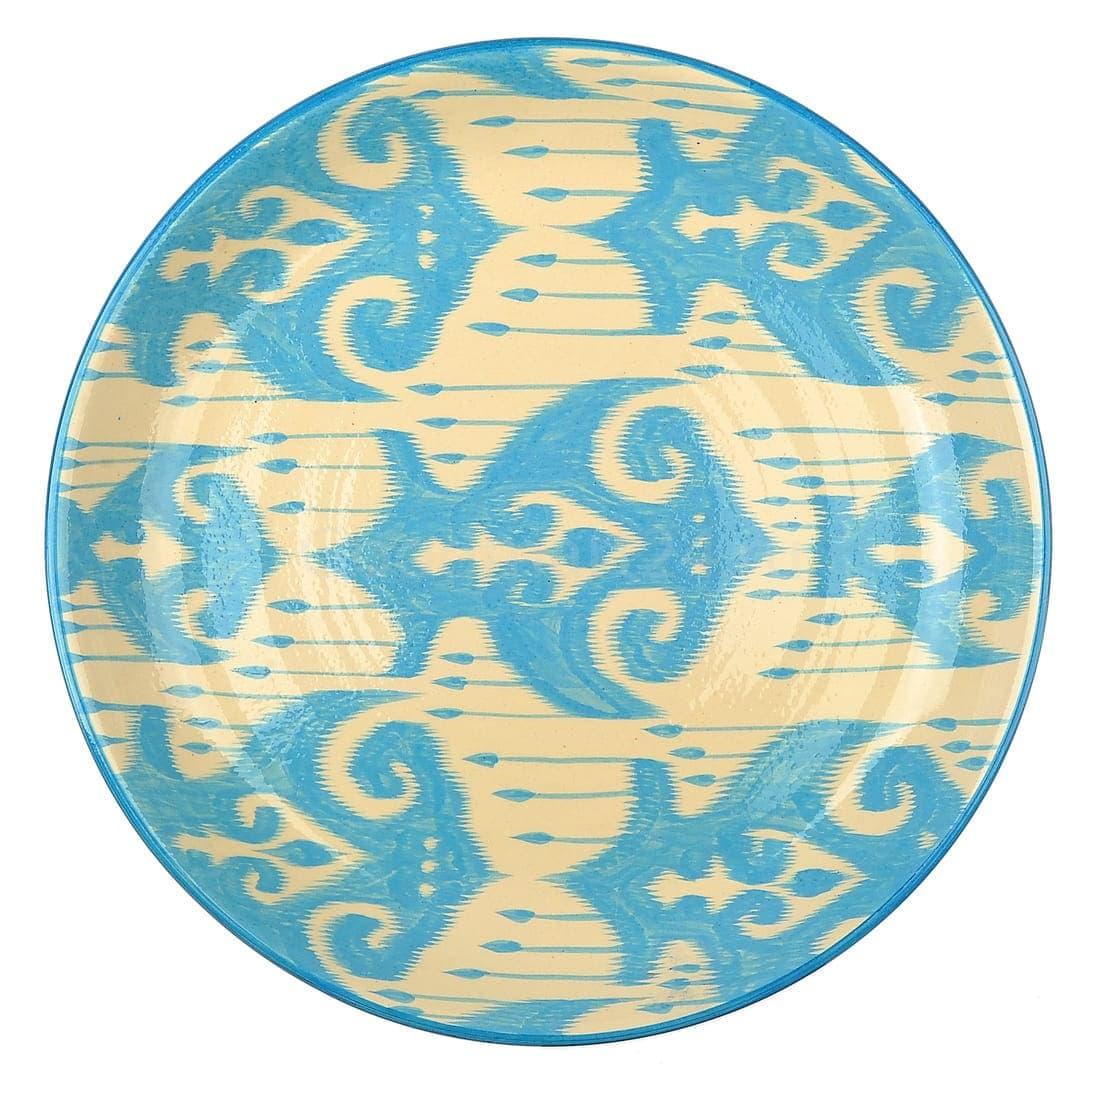 Ляган Риштанская Керамика 38 см. плоский, Синий Атлас рис. 2 - фото 9442